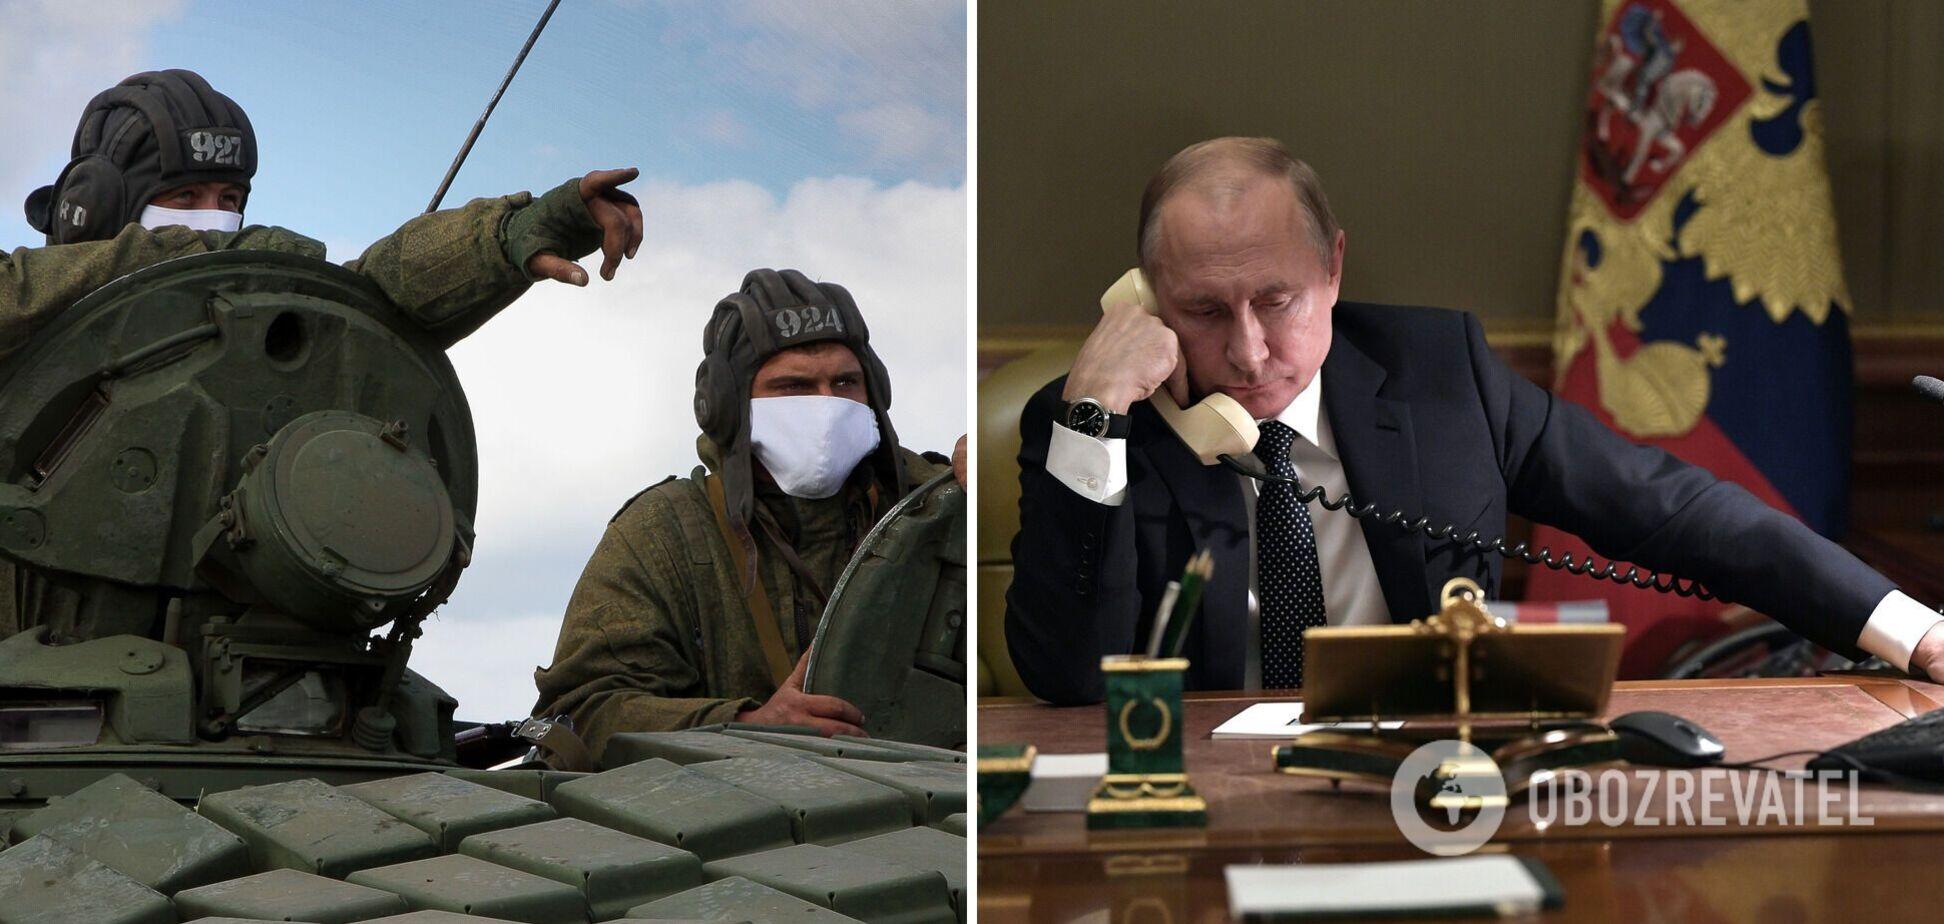 Фельгенгауер: Росія готова воювати після санкцій проти Медведчука